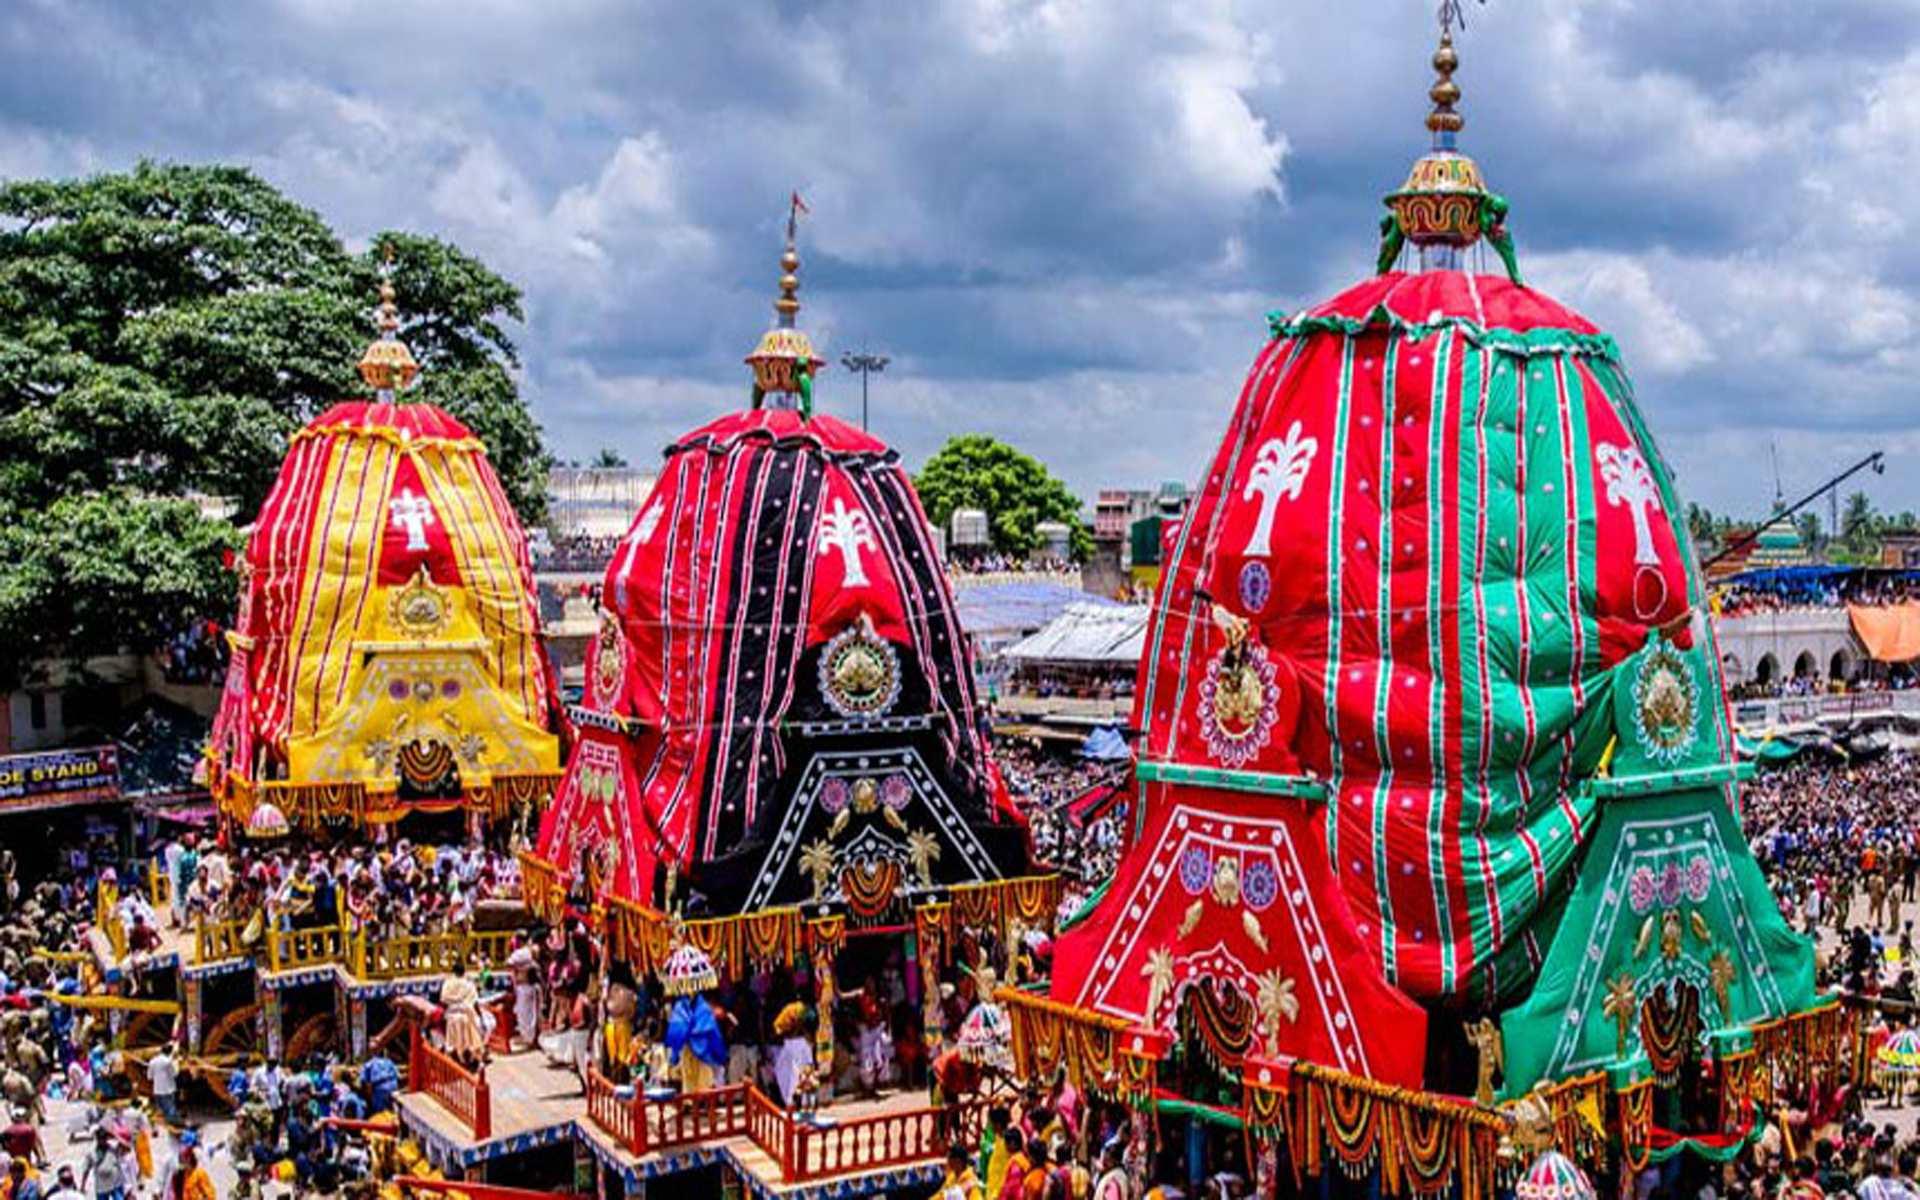 ১৪ জুলাই শ্ৰীশ্ৰী জগন্নাথ দেবের রথযাত্ৰা